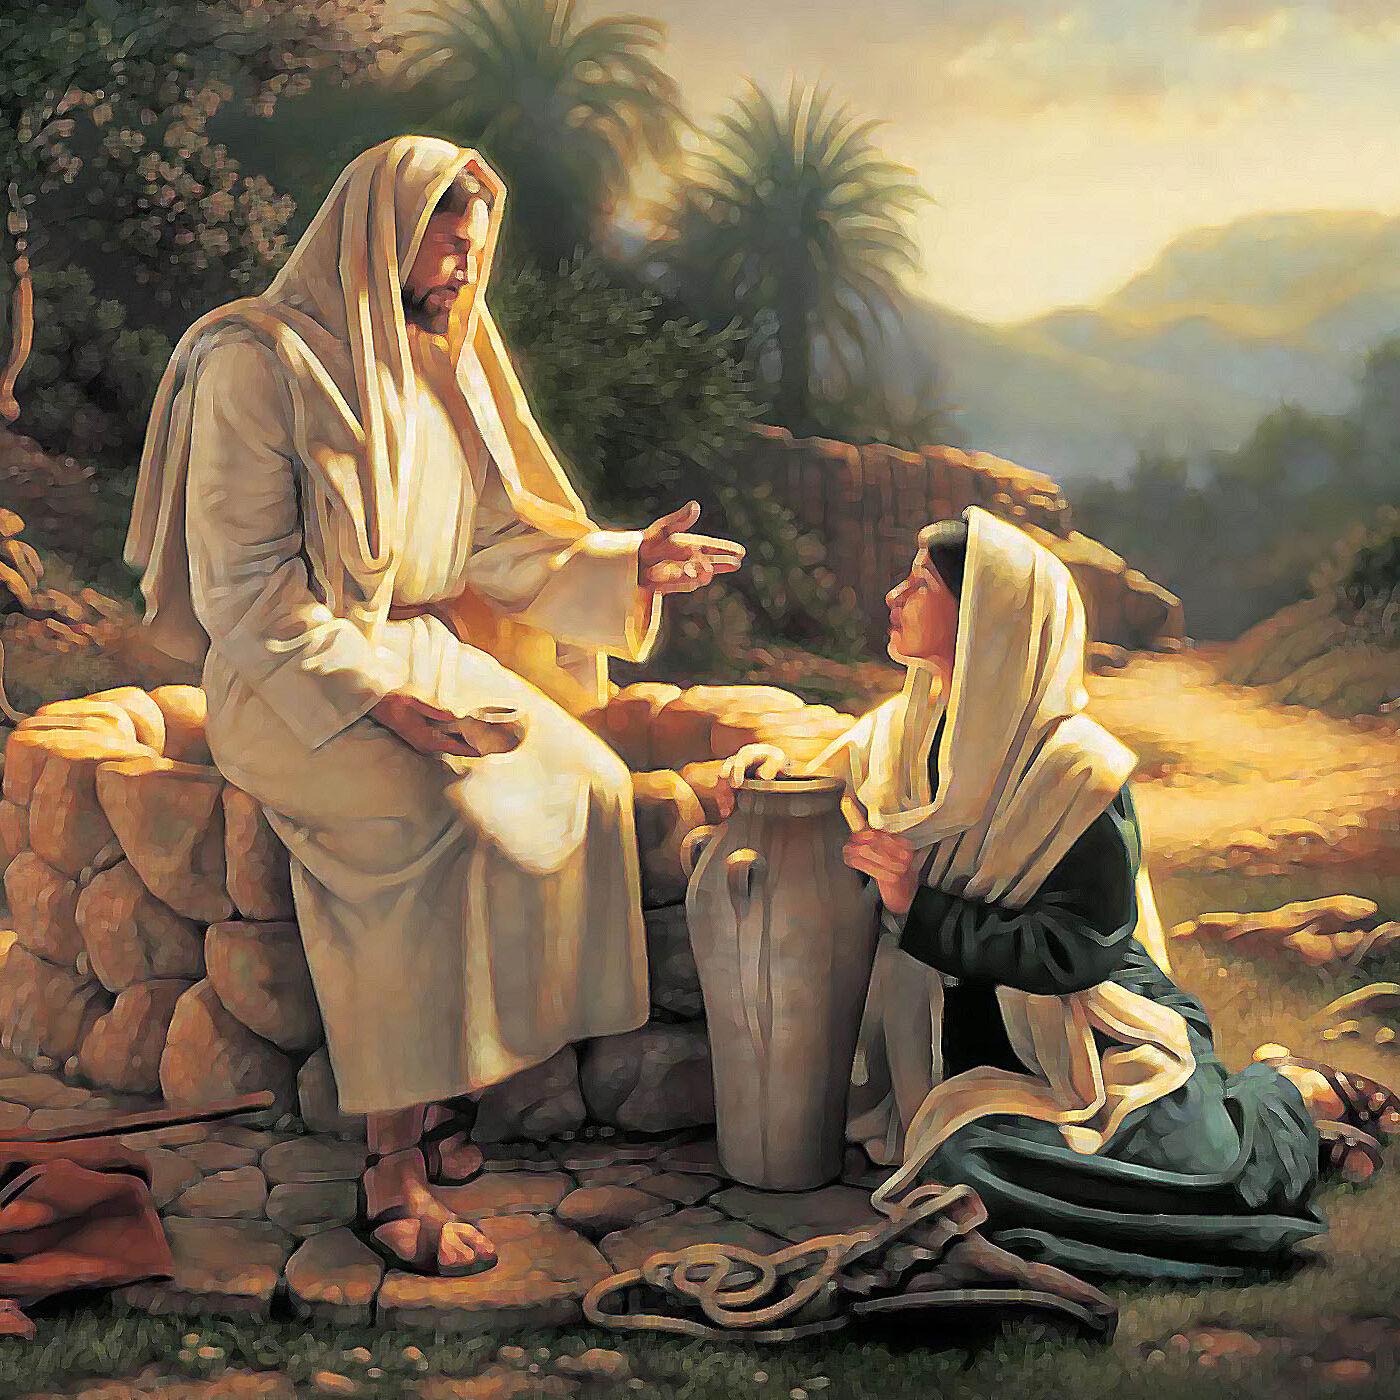 riflessioni sul Vangelo di Giovedì 22 Aprile 2021 (Gv 6, 44-51) - Apostola Michela